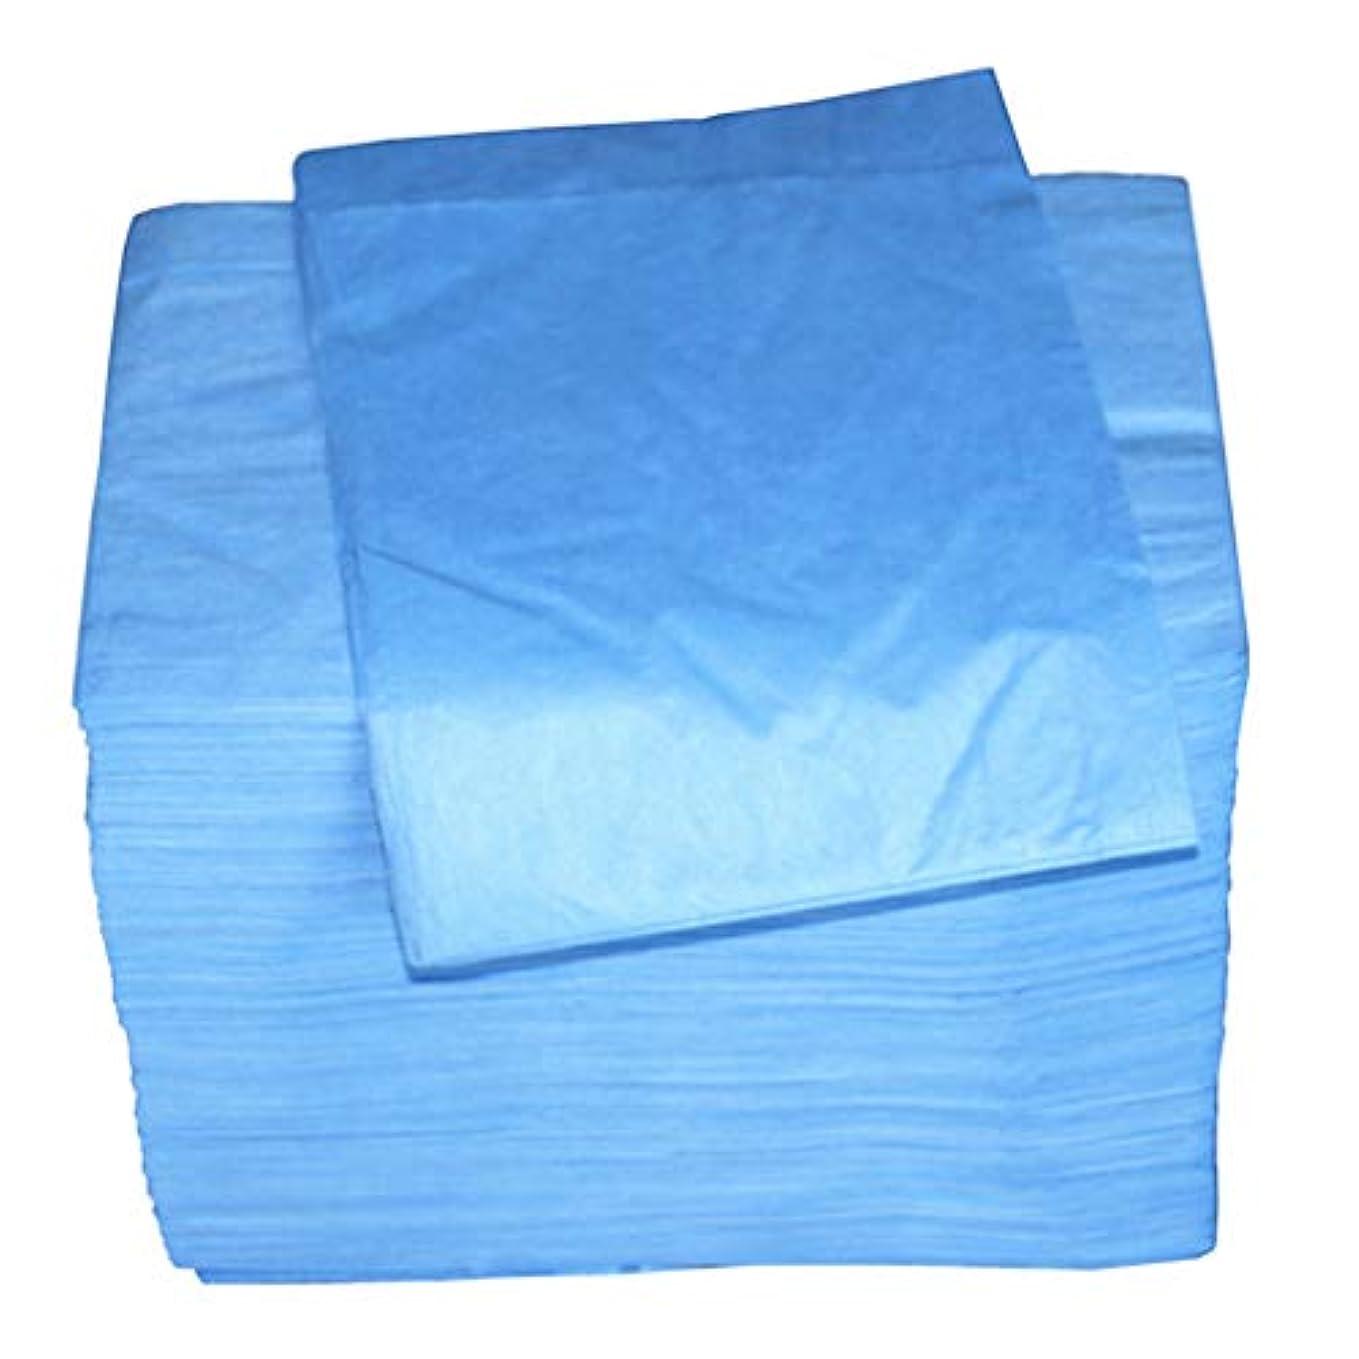 ベリー水自然公園マッサージ テーブルシーツ 使い捨て 安全衛生 約100個セット 全2色 - 青